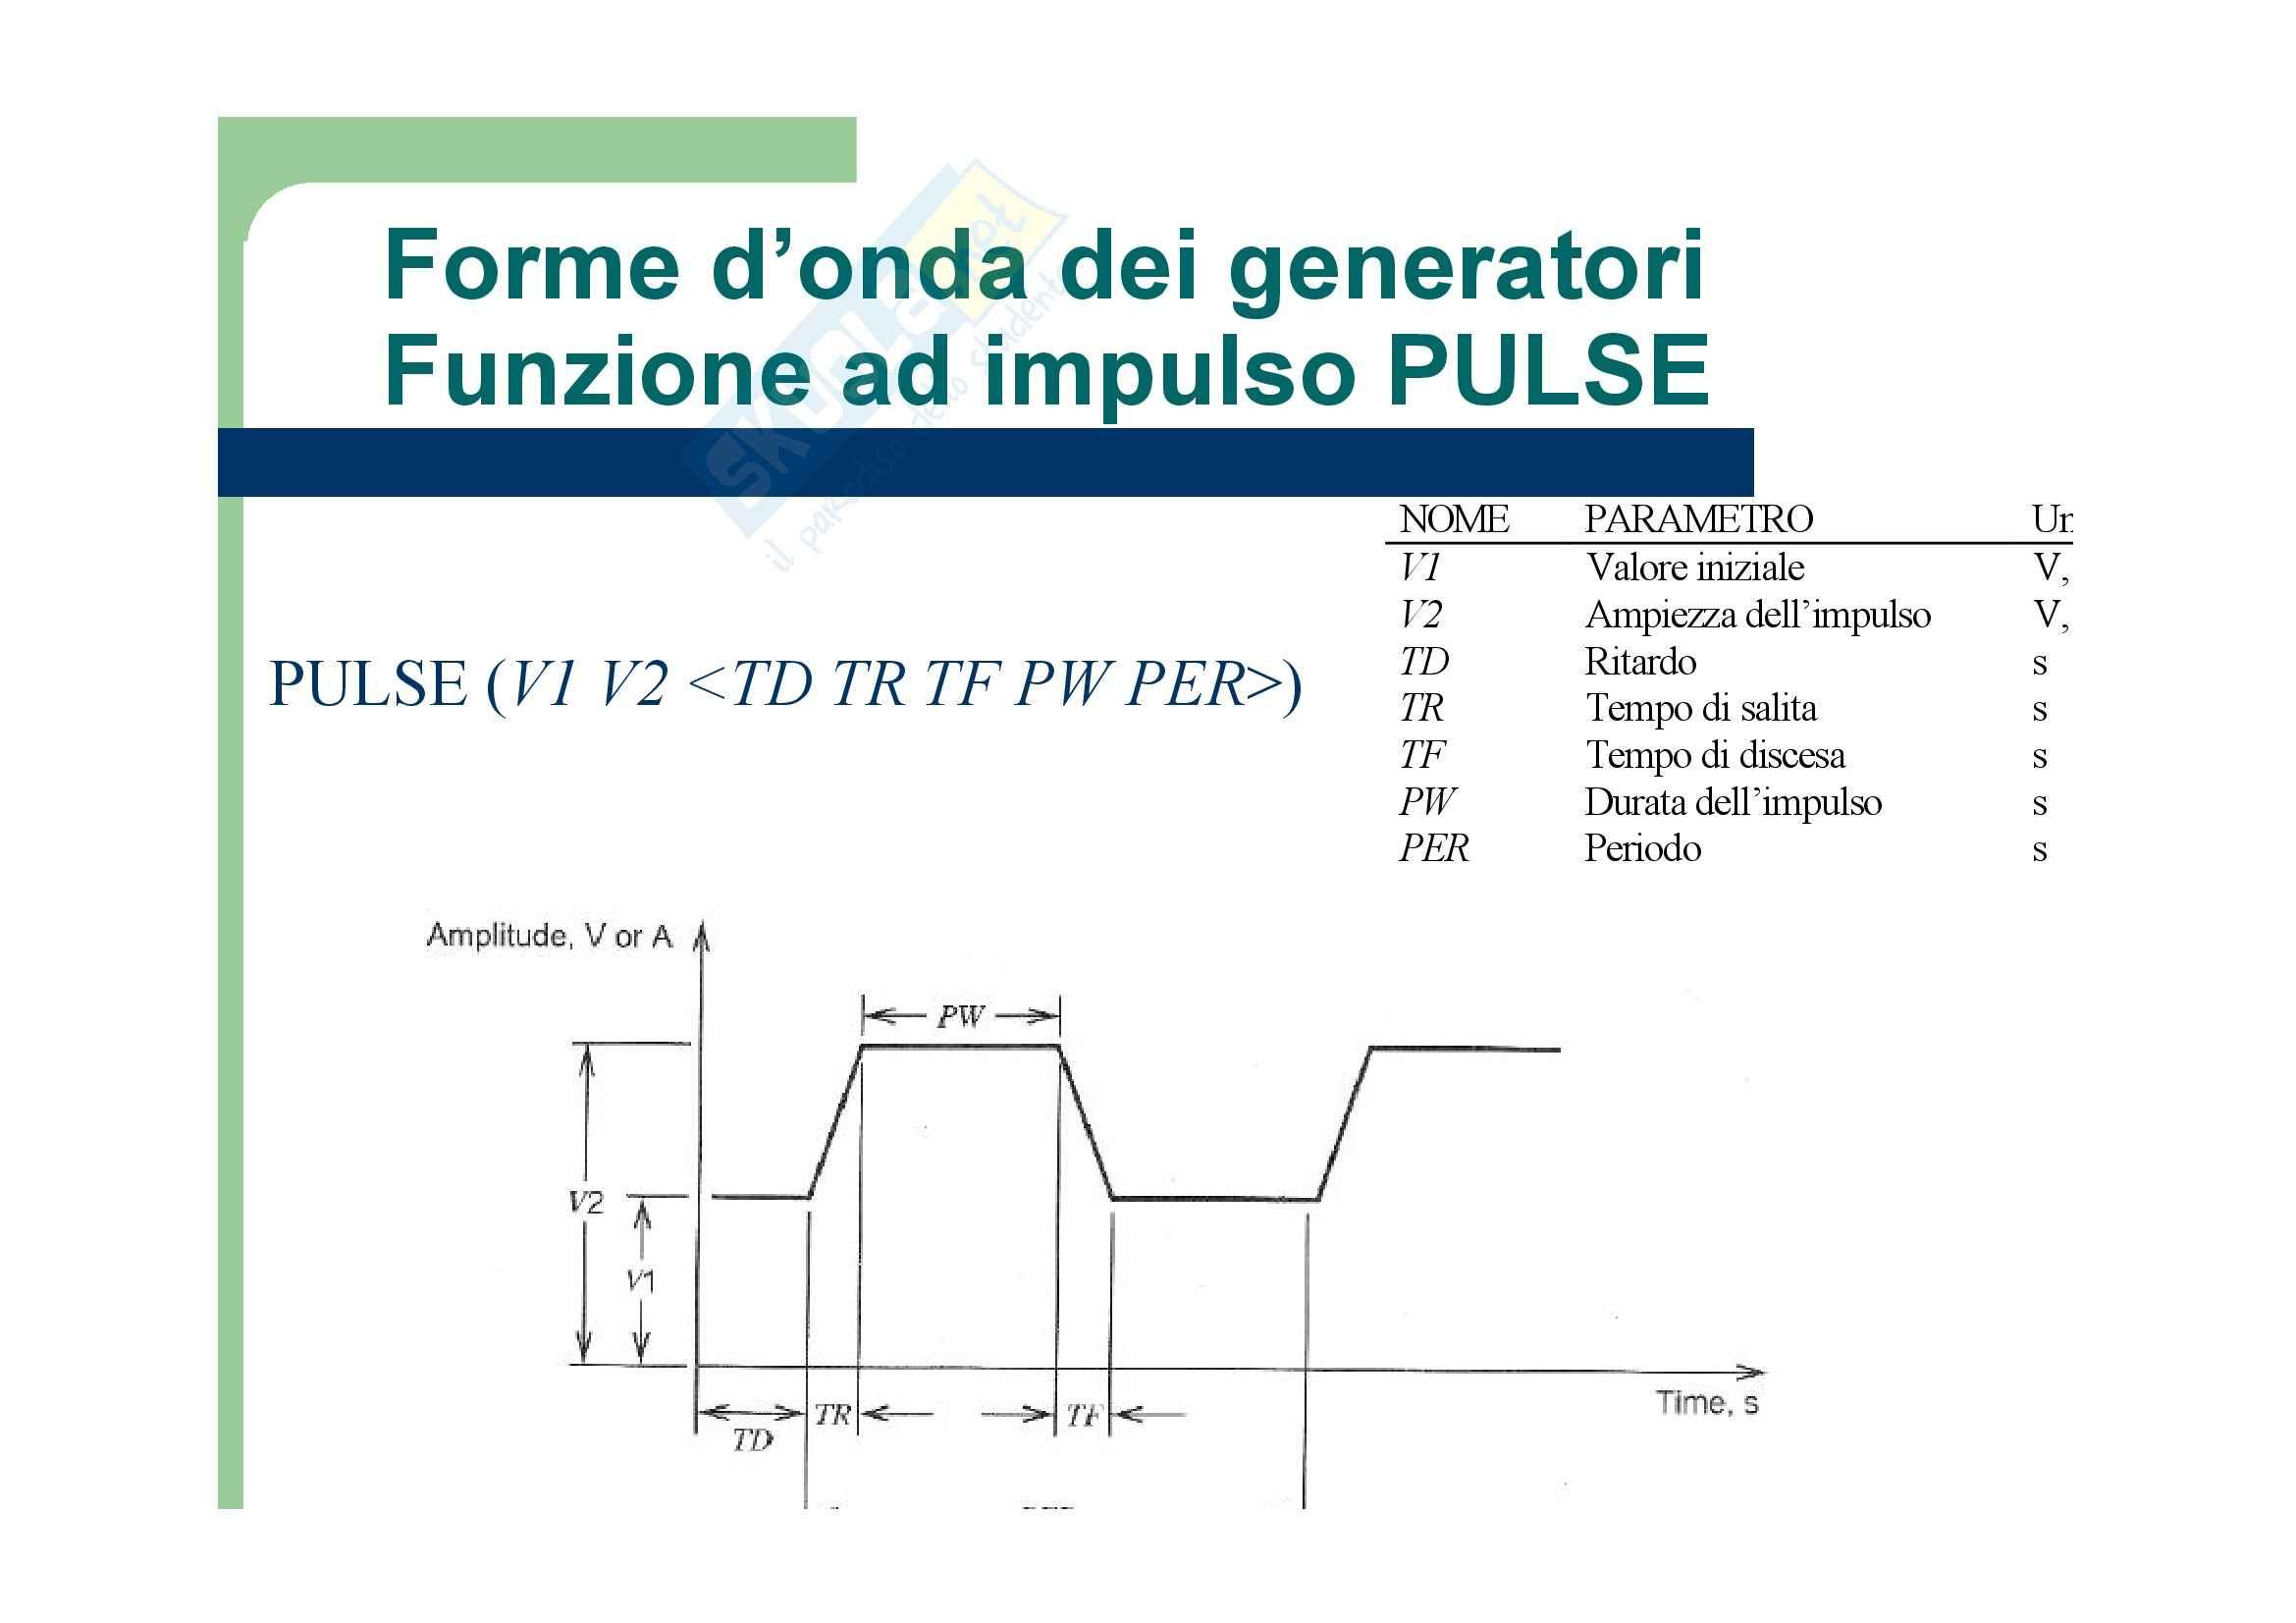 Elettronica analogica - Forme d'onda dei generatori / funzione ad impulso PULSE